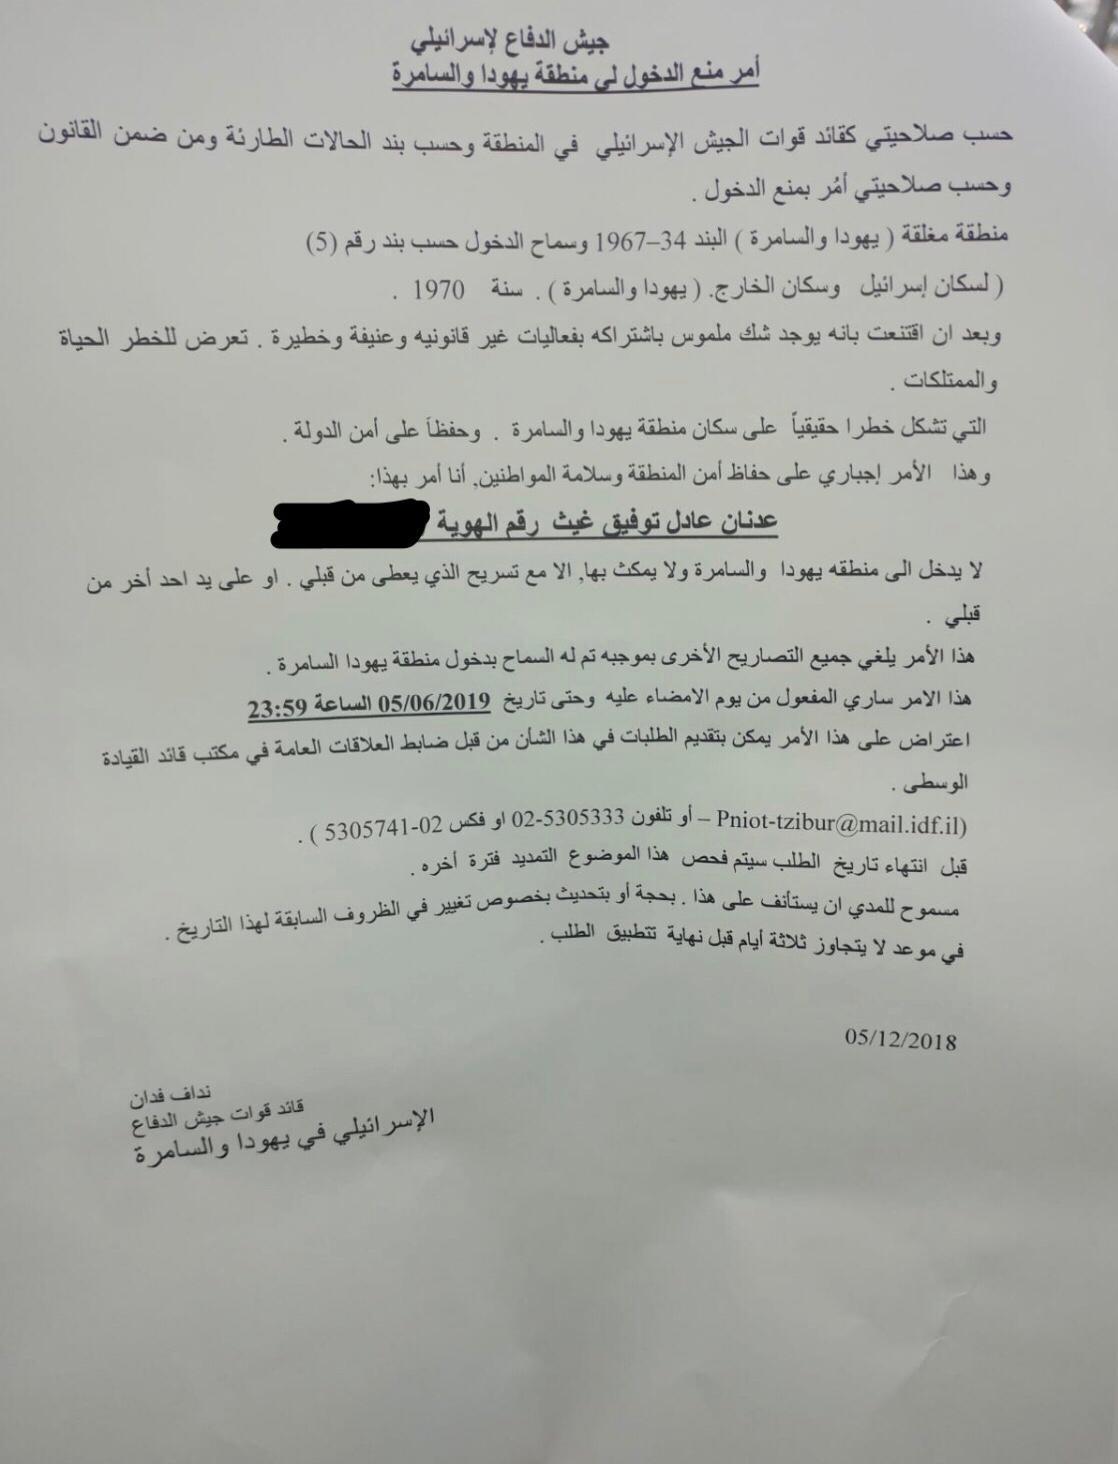 منع محافظ القدس دخول الضفة الغربية لمدة 6 أشهر